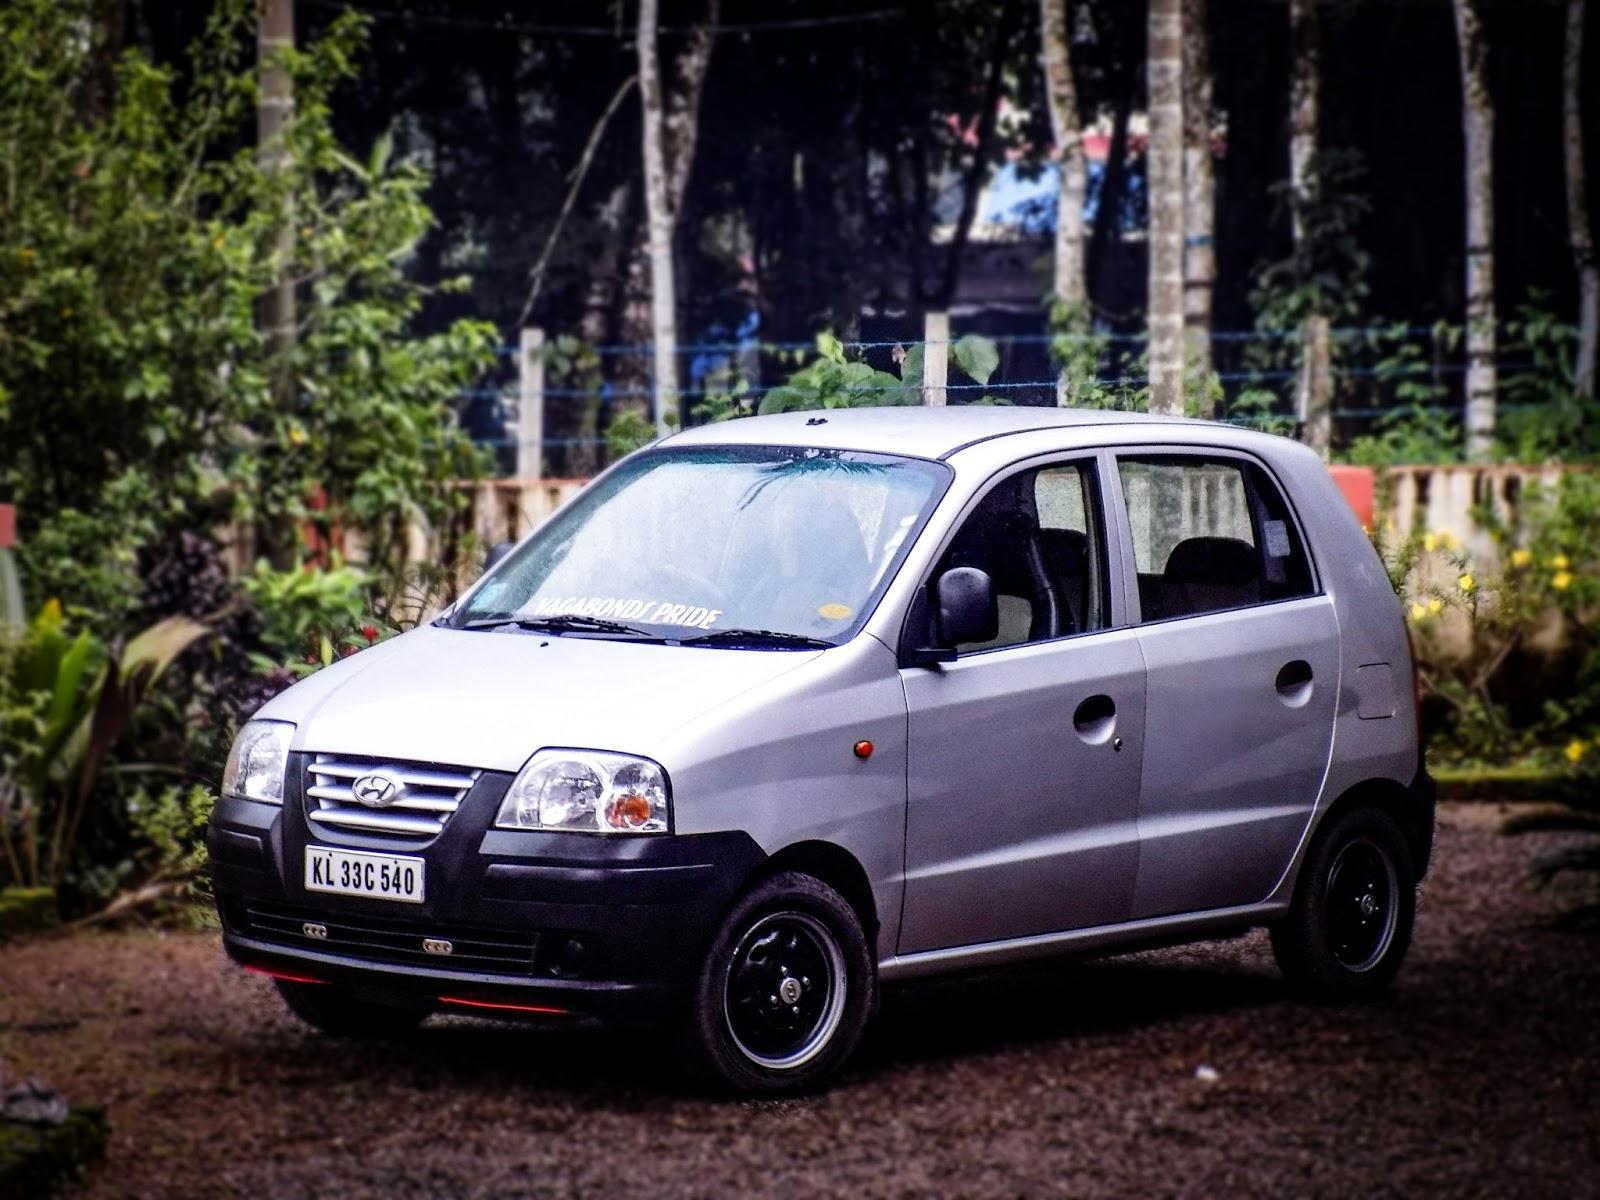 santro car modified [ 1600 x 1200 Pixel ]